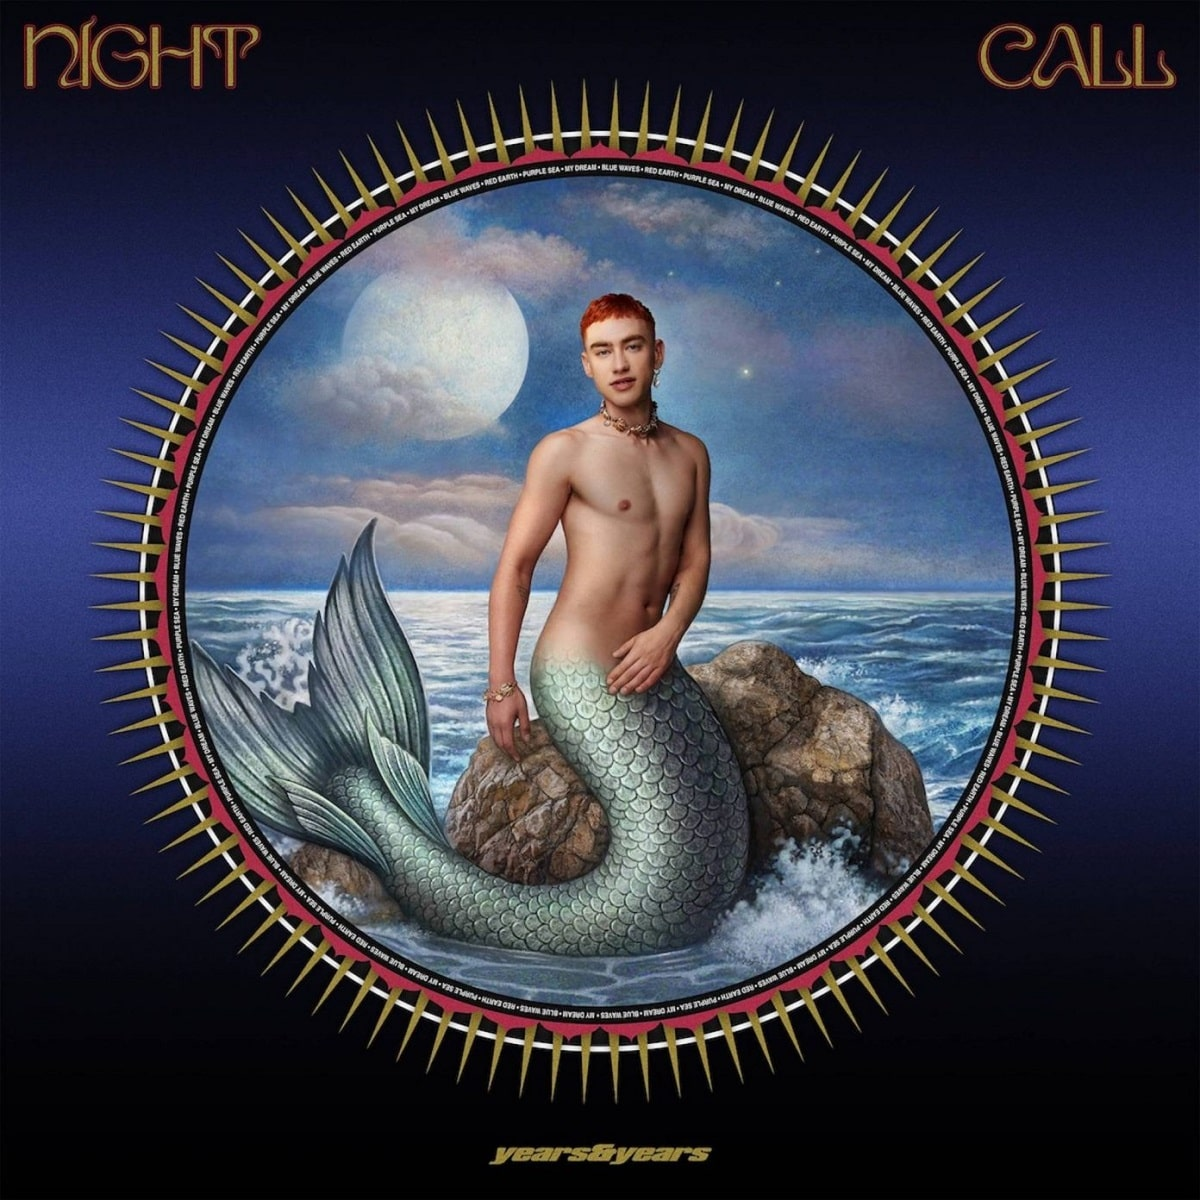 La portada de Night Call.